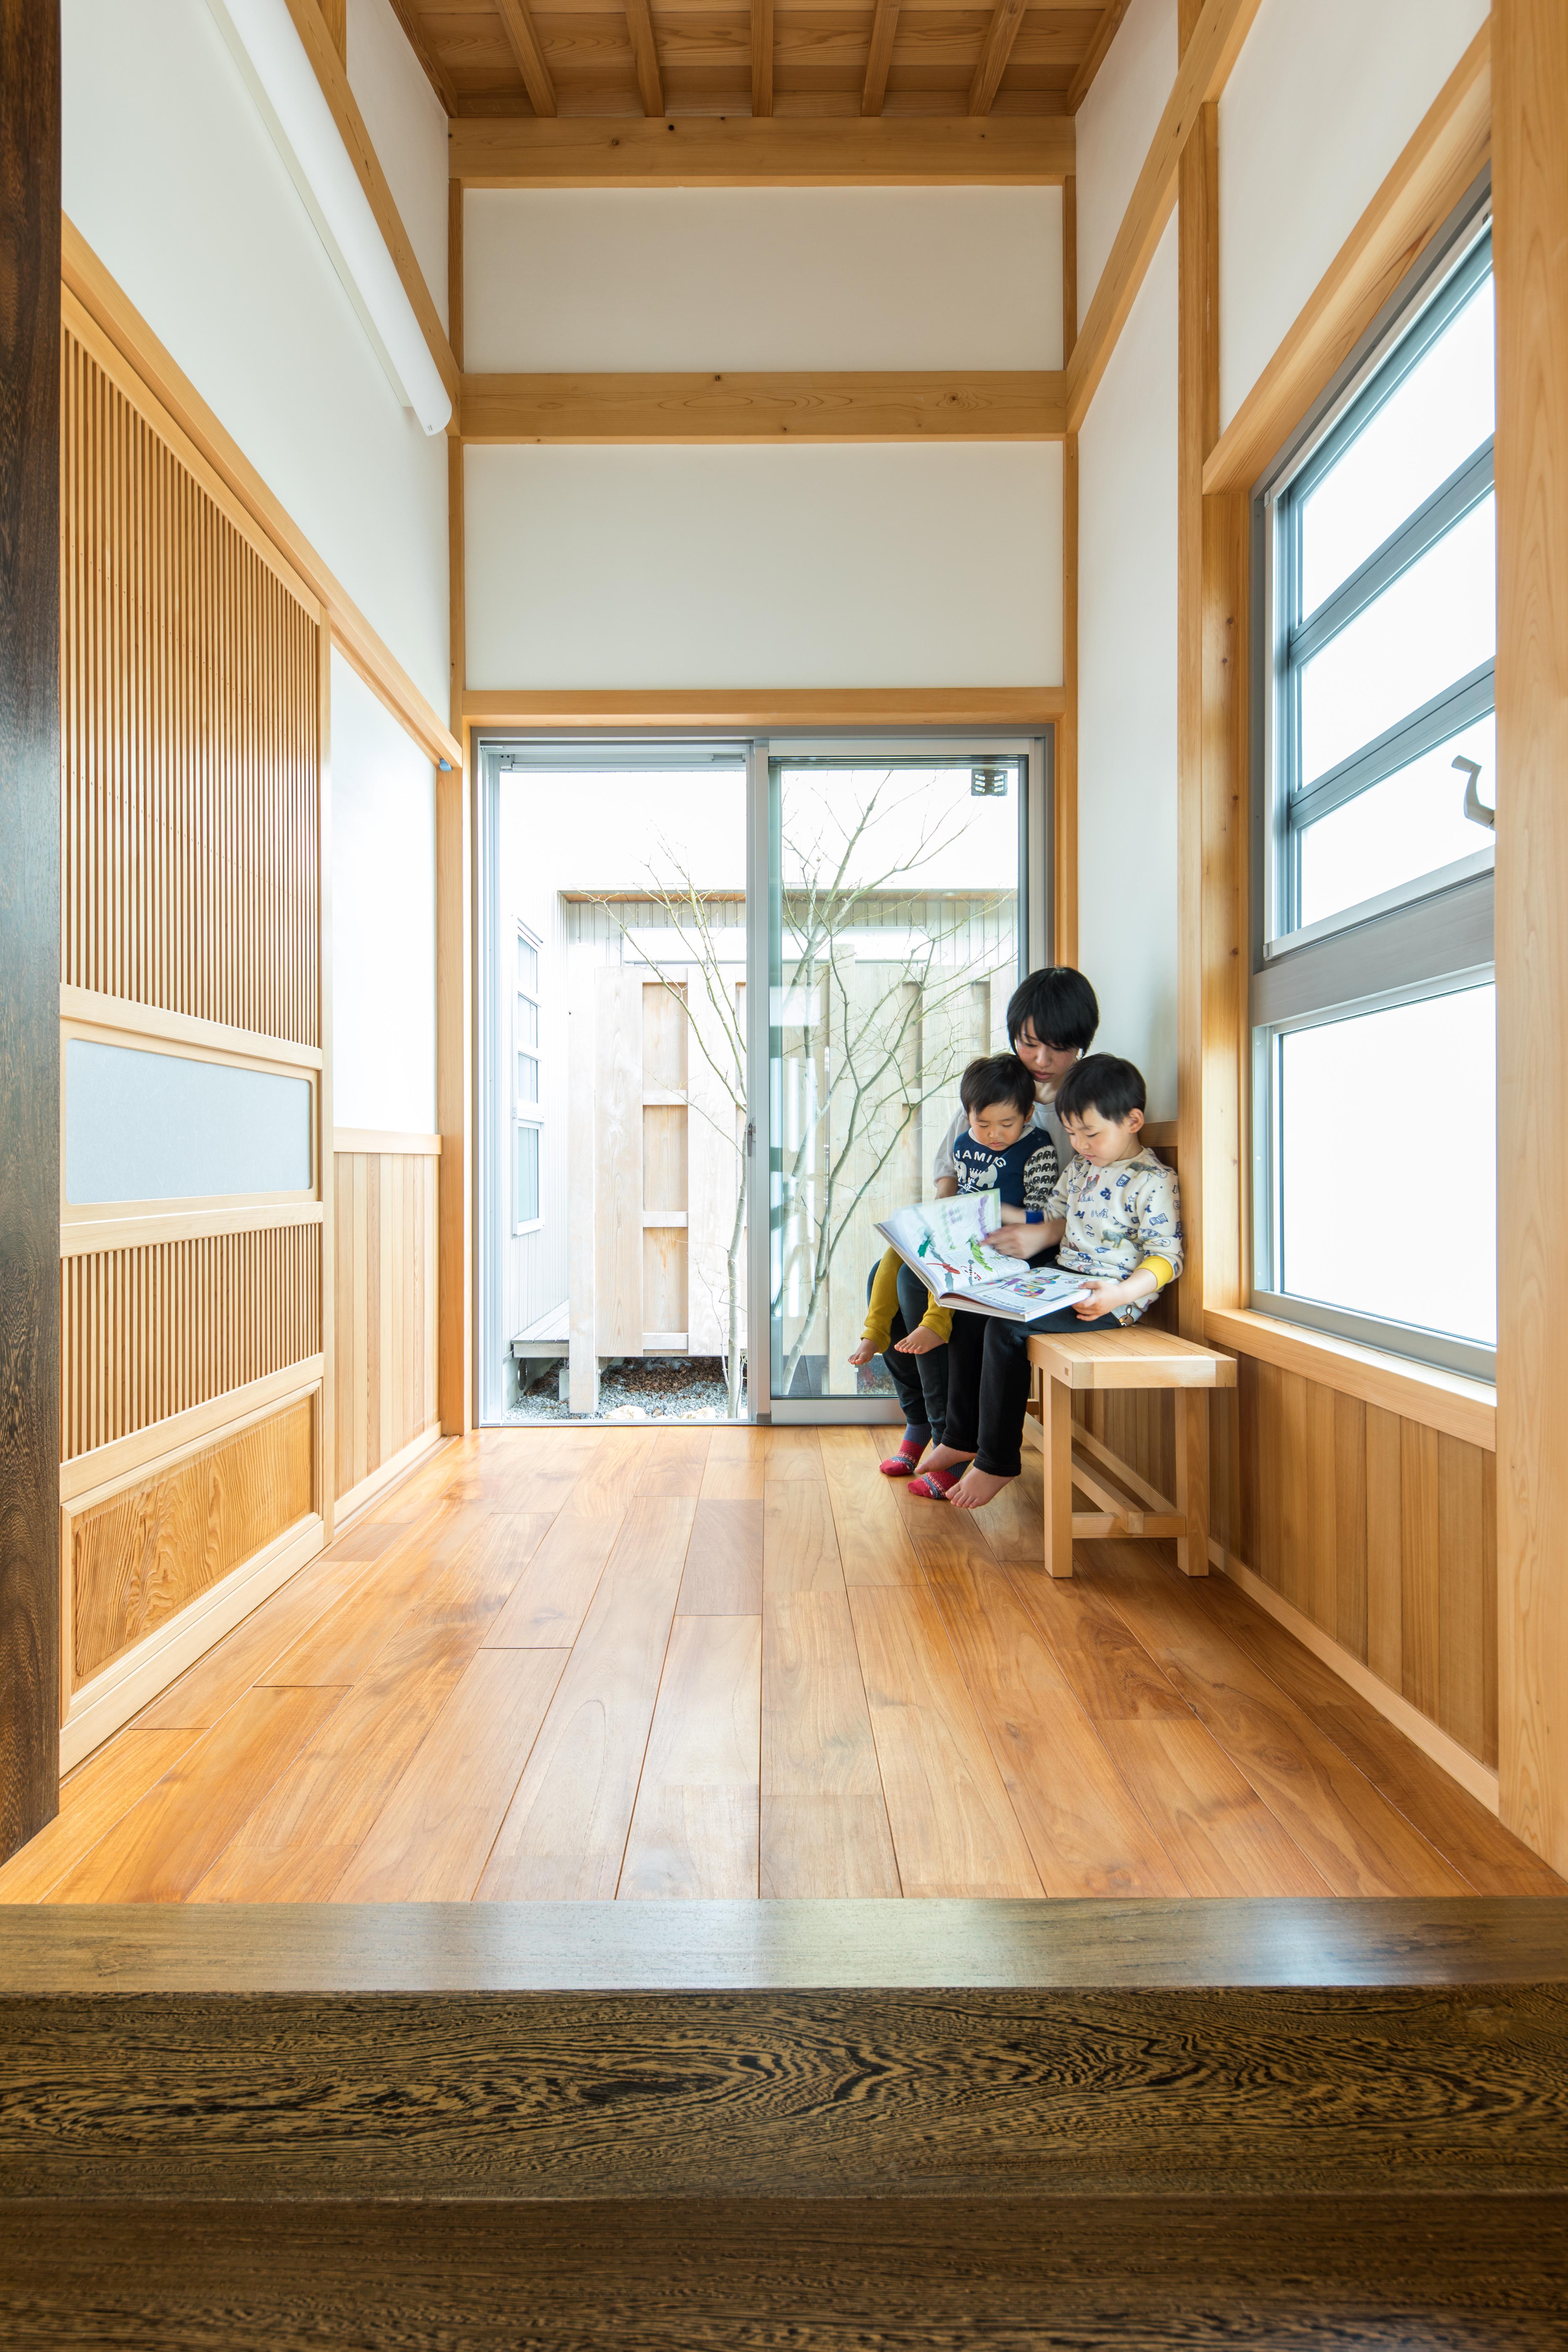 櫻 工務店のイメージ